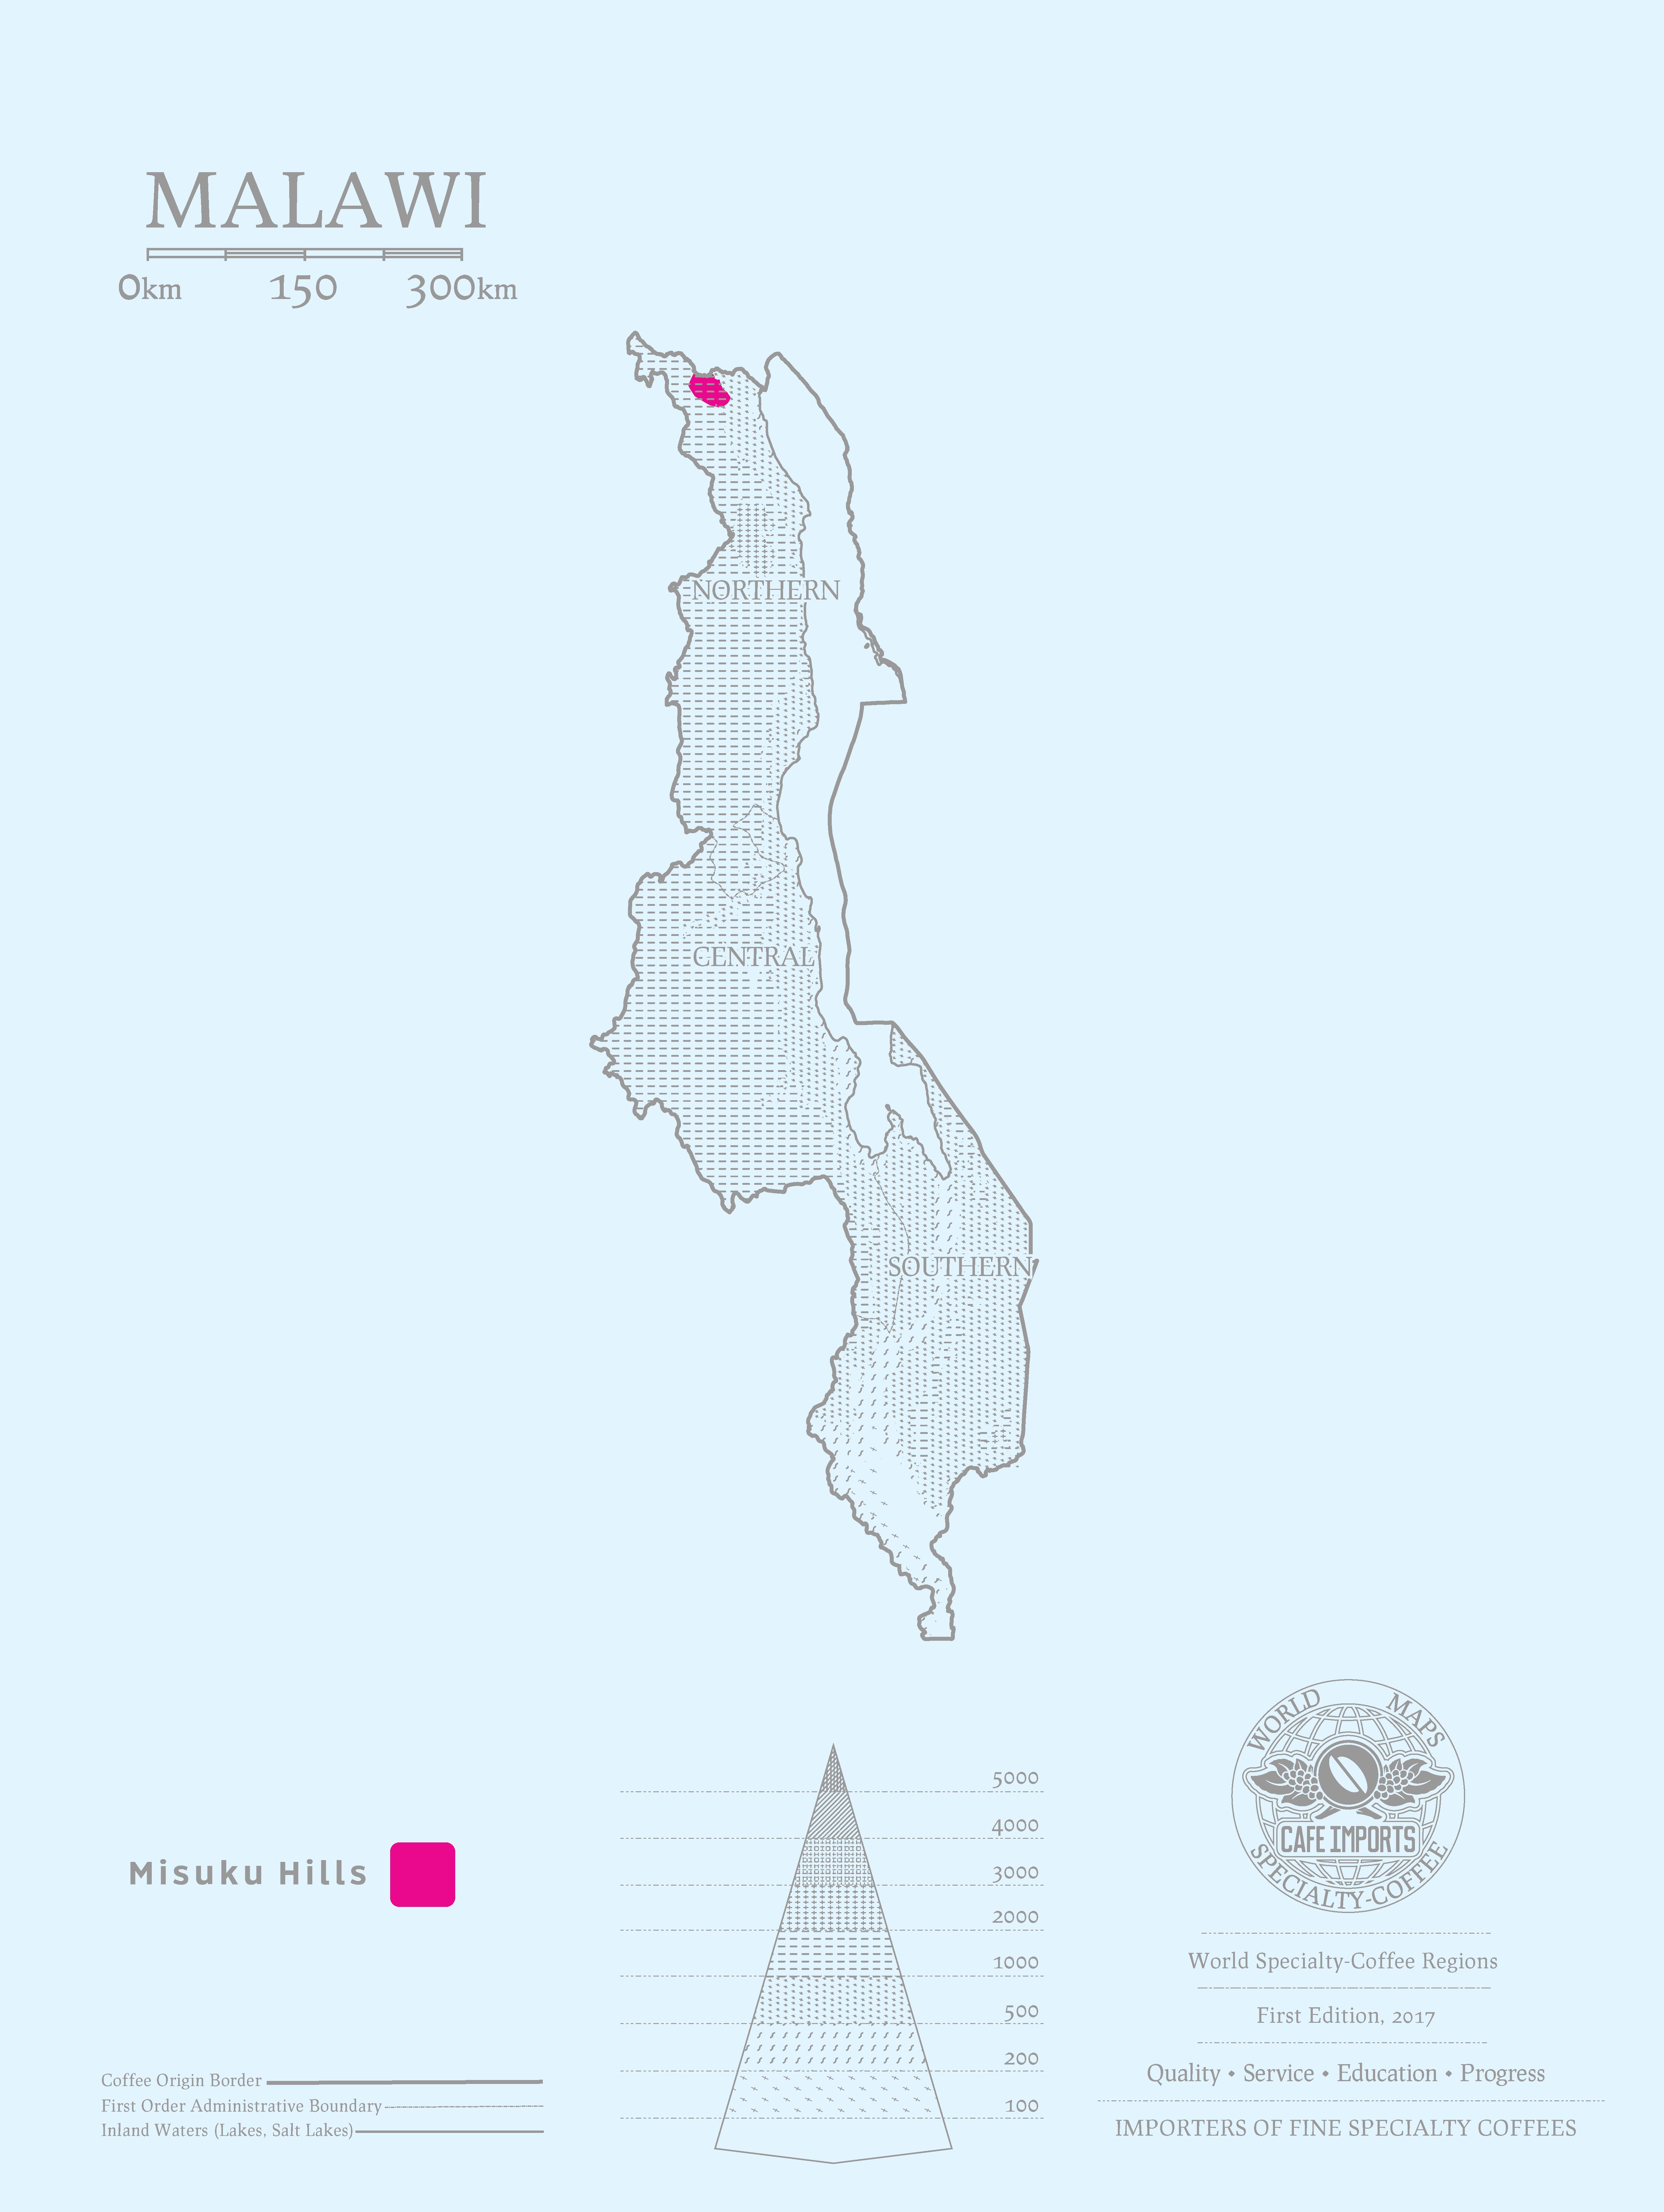 Cafe Imports Malawi - Malawi map png